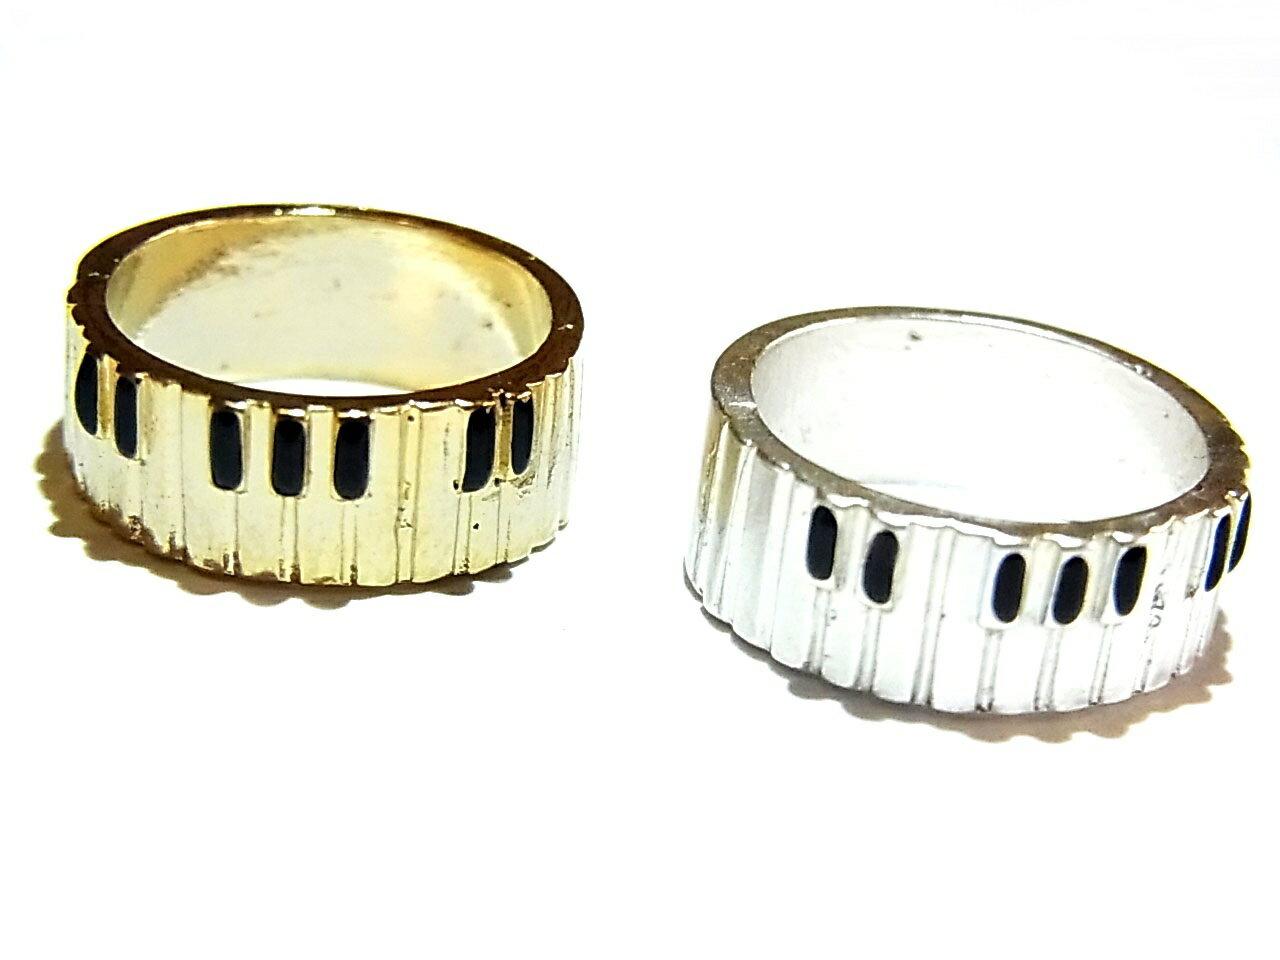 ルチカリングメール便送料無料メロディピンキー(ゴールド/シルバー)Luccicaかわいい指輪アクセサ